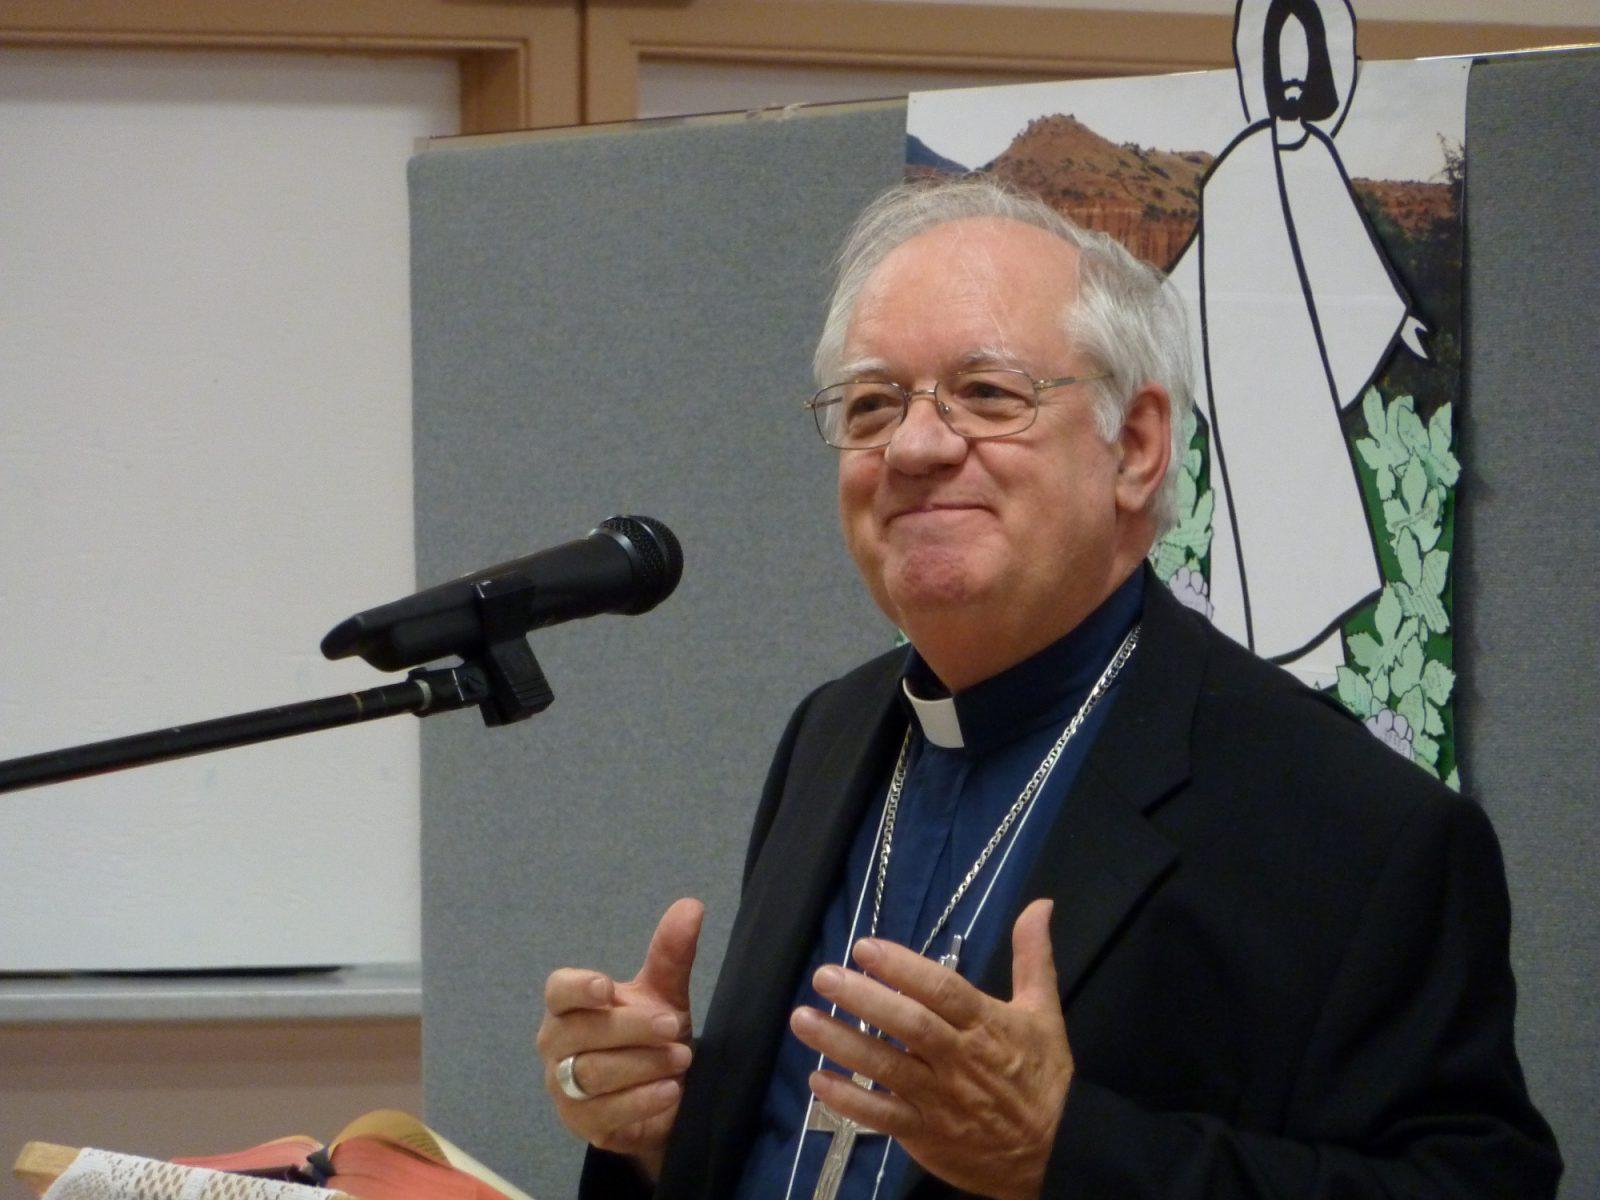 Diocèse : les dossiers des prêtres seront scrutés